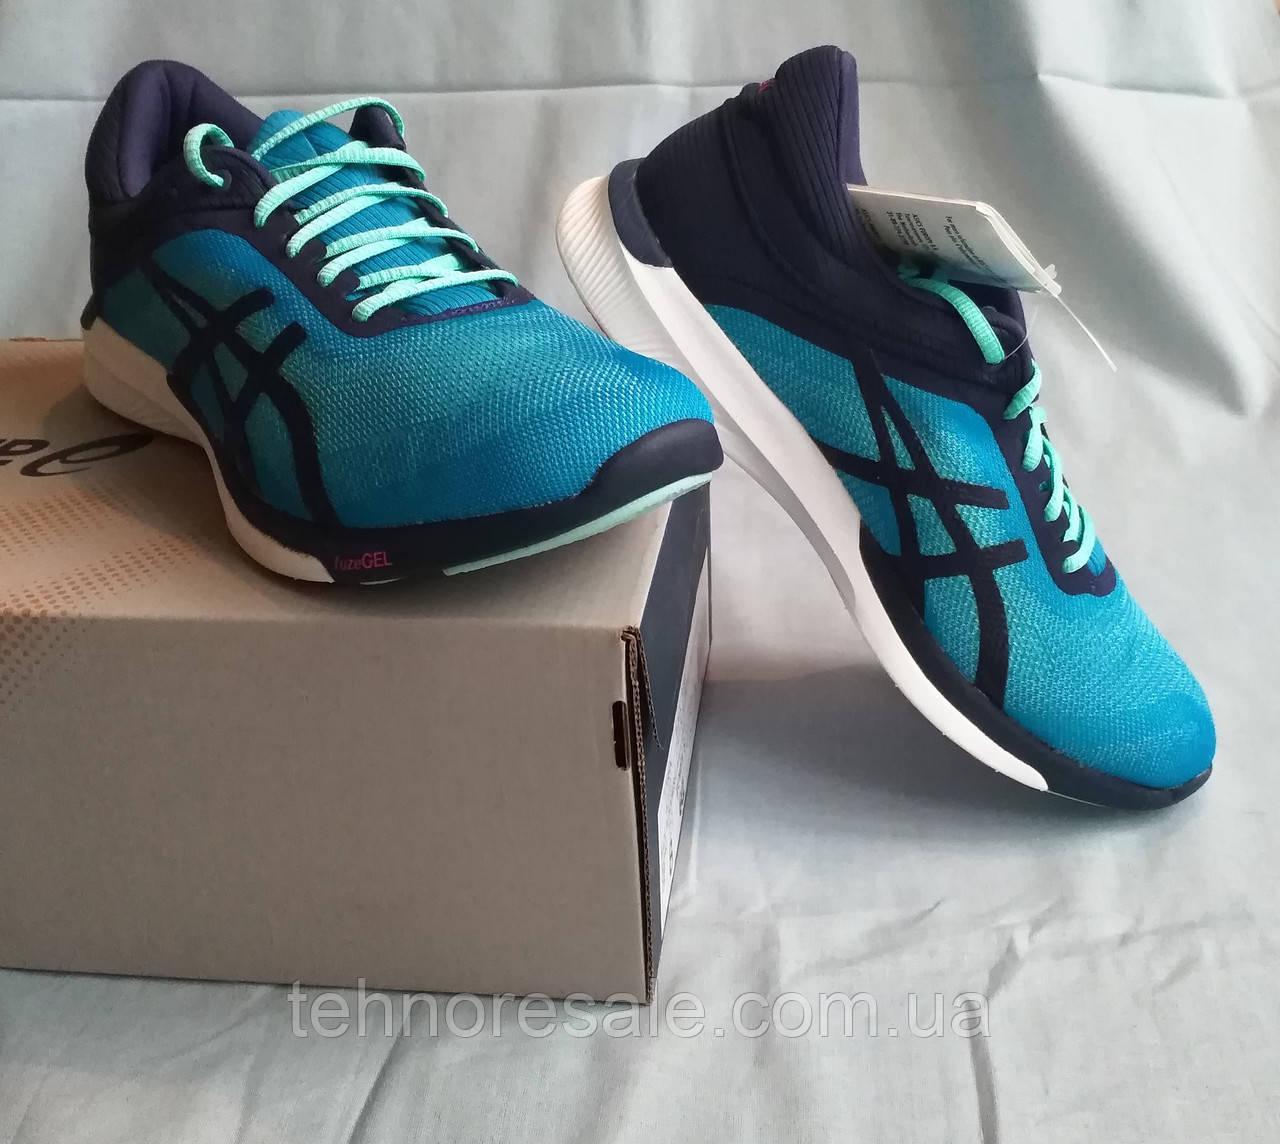 Беговые женские кроссовки ASICS FuzeX Rush, ОРИГИНАЛ, размер 7 (37 - 24см)